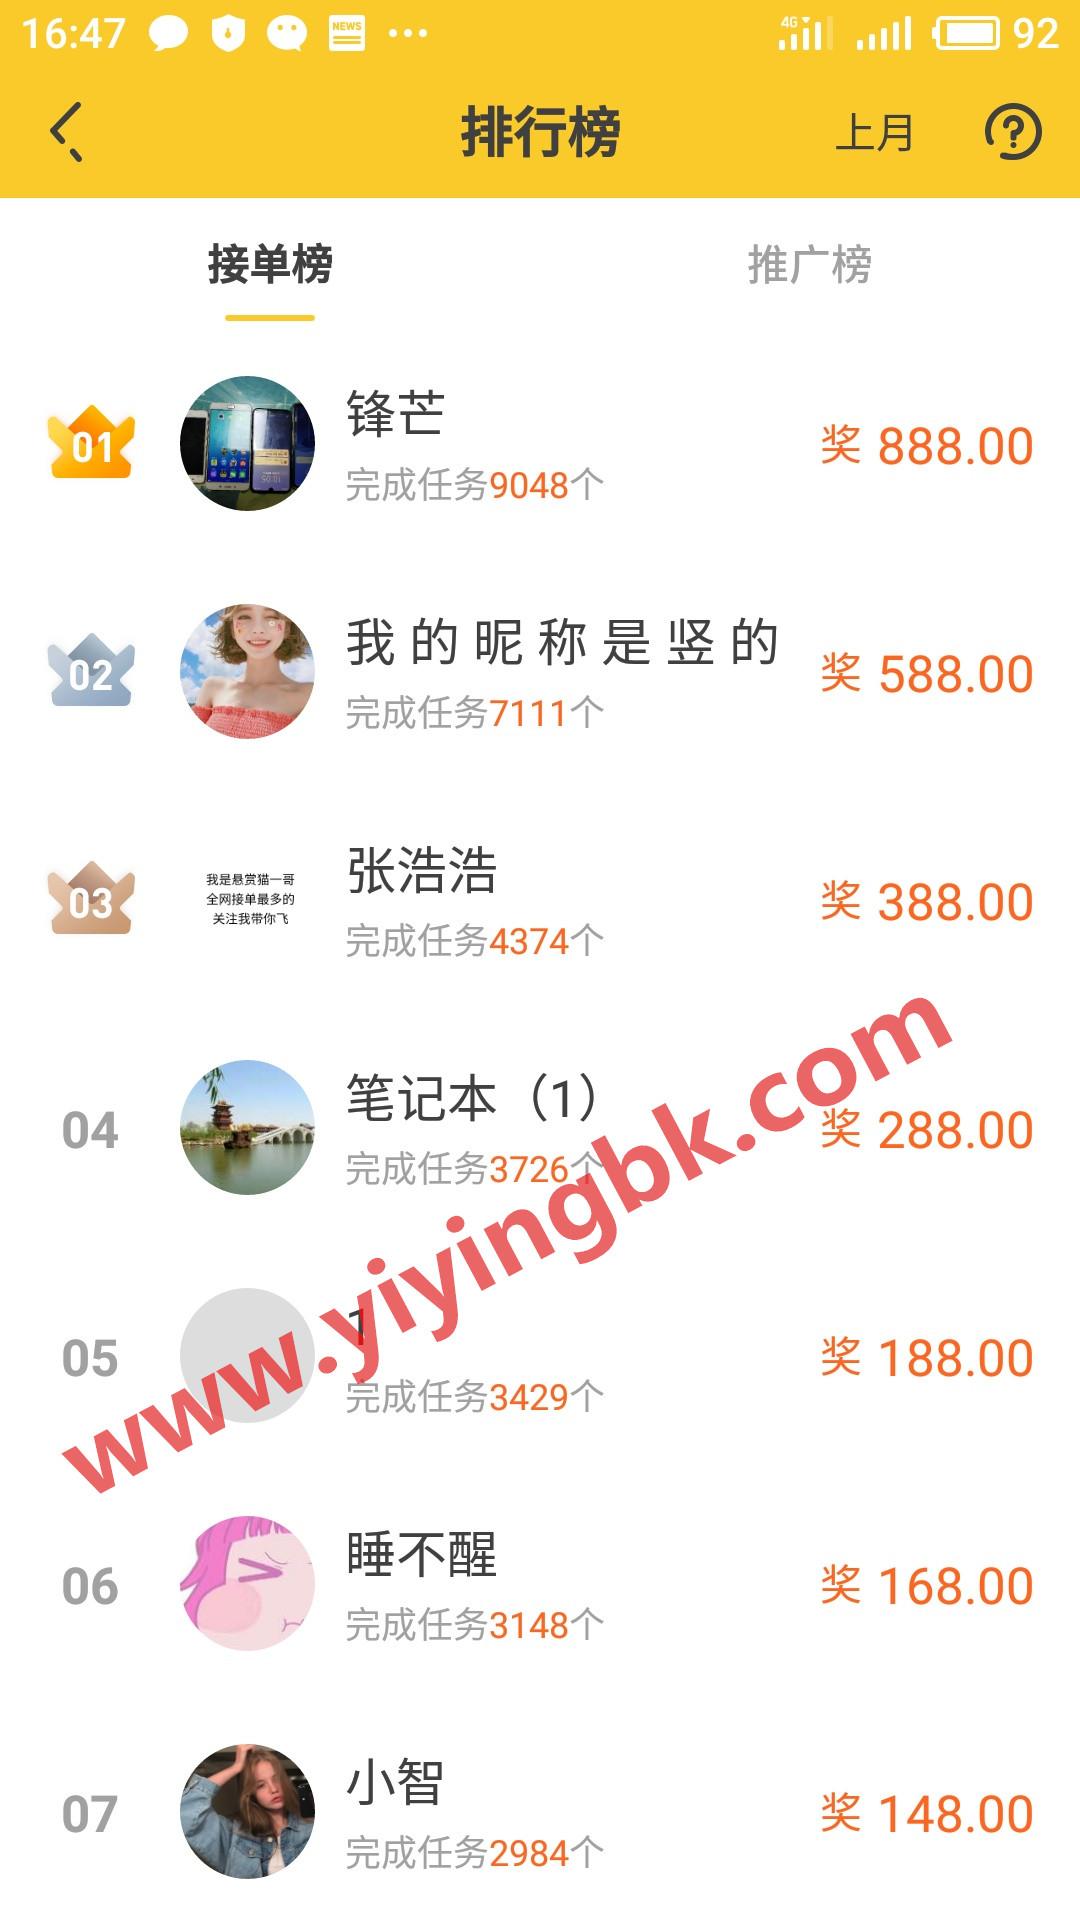 手机正规免费赚钱平台接单榜,每月免费领888元红包,微信和支付宝提现秒到账。www.yiyingbk.com